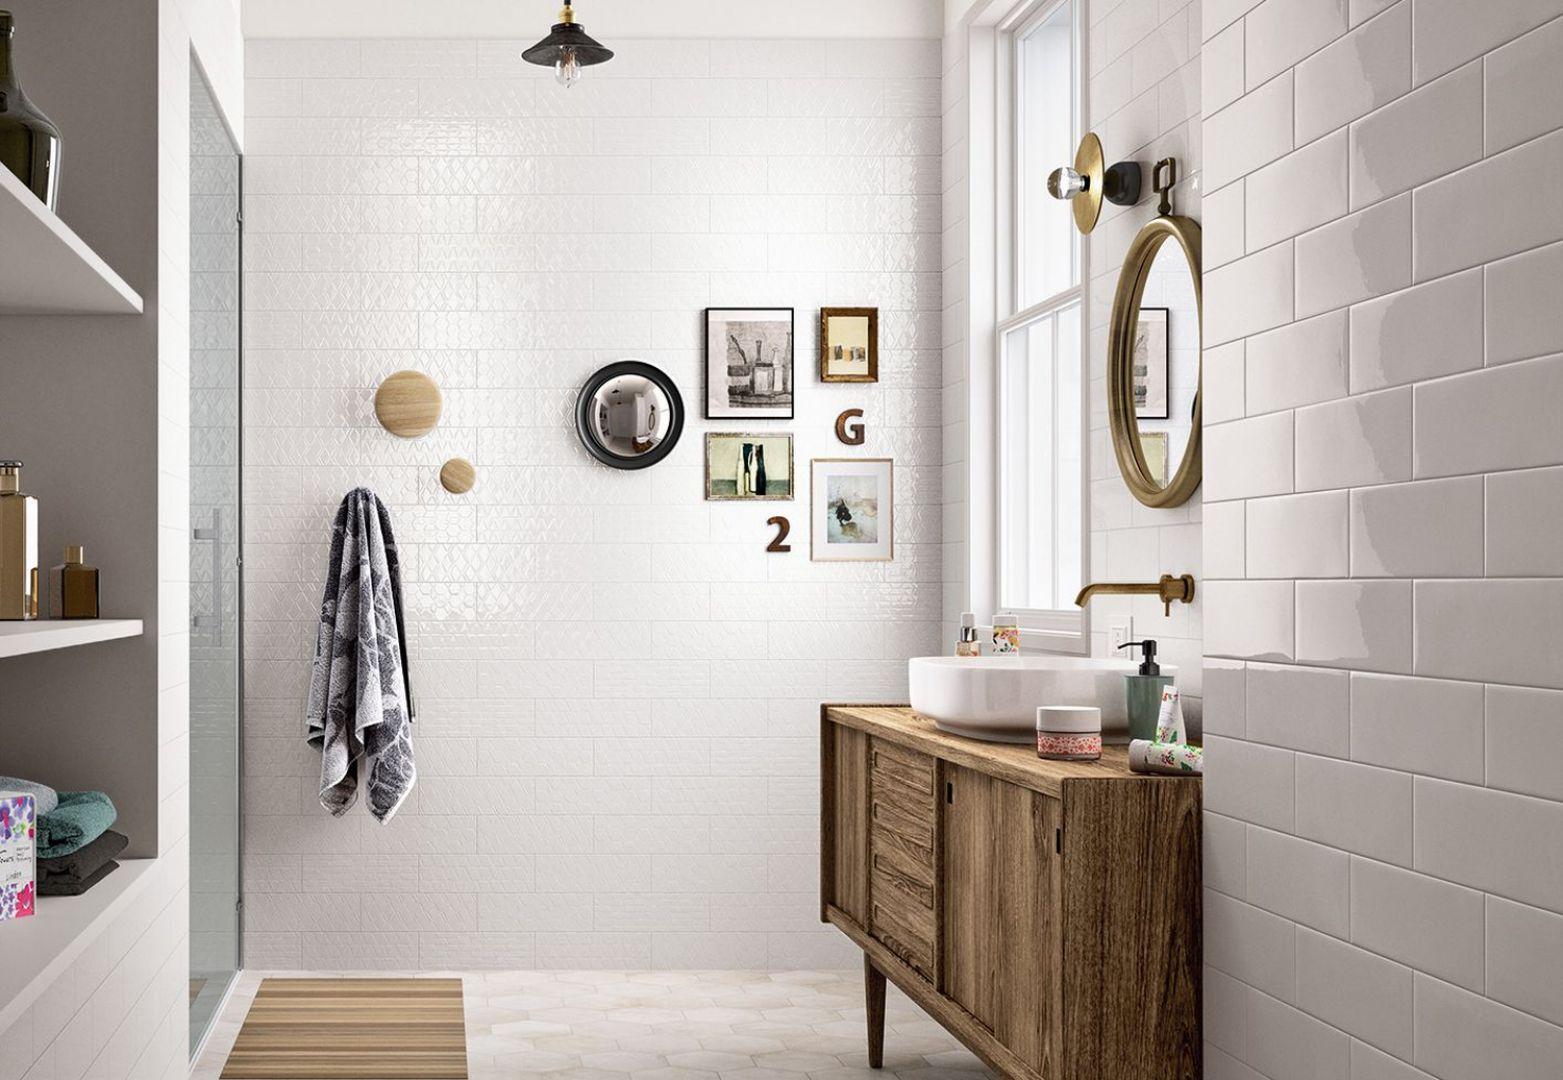 Aranżacja łazienki z płytkami jak kafle z kolekcji Clays marki Marazzi. Fot. Marazzi